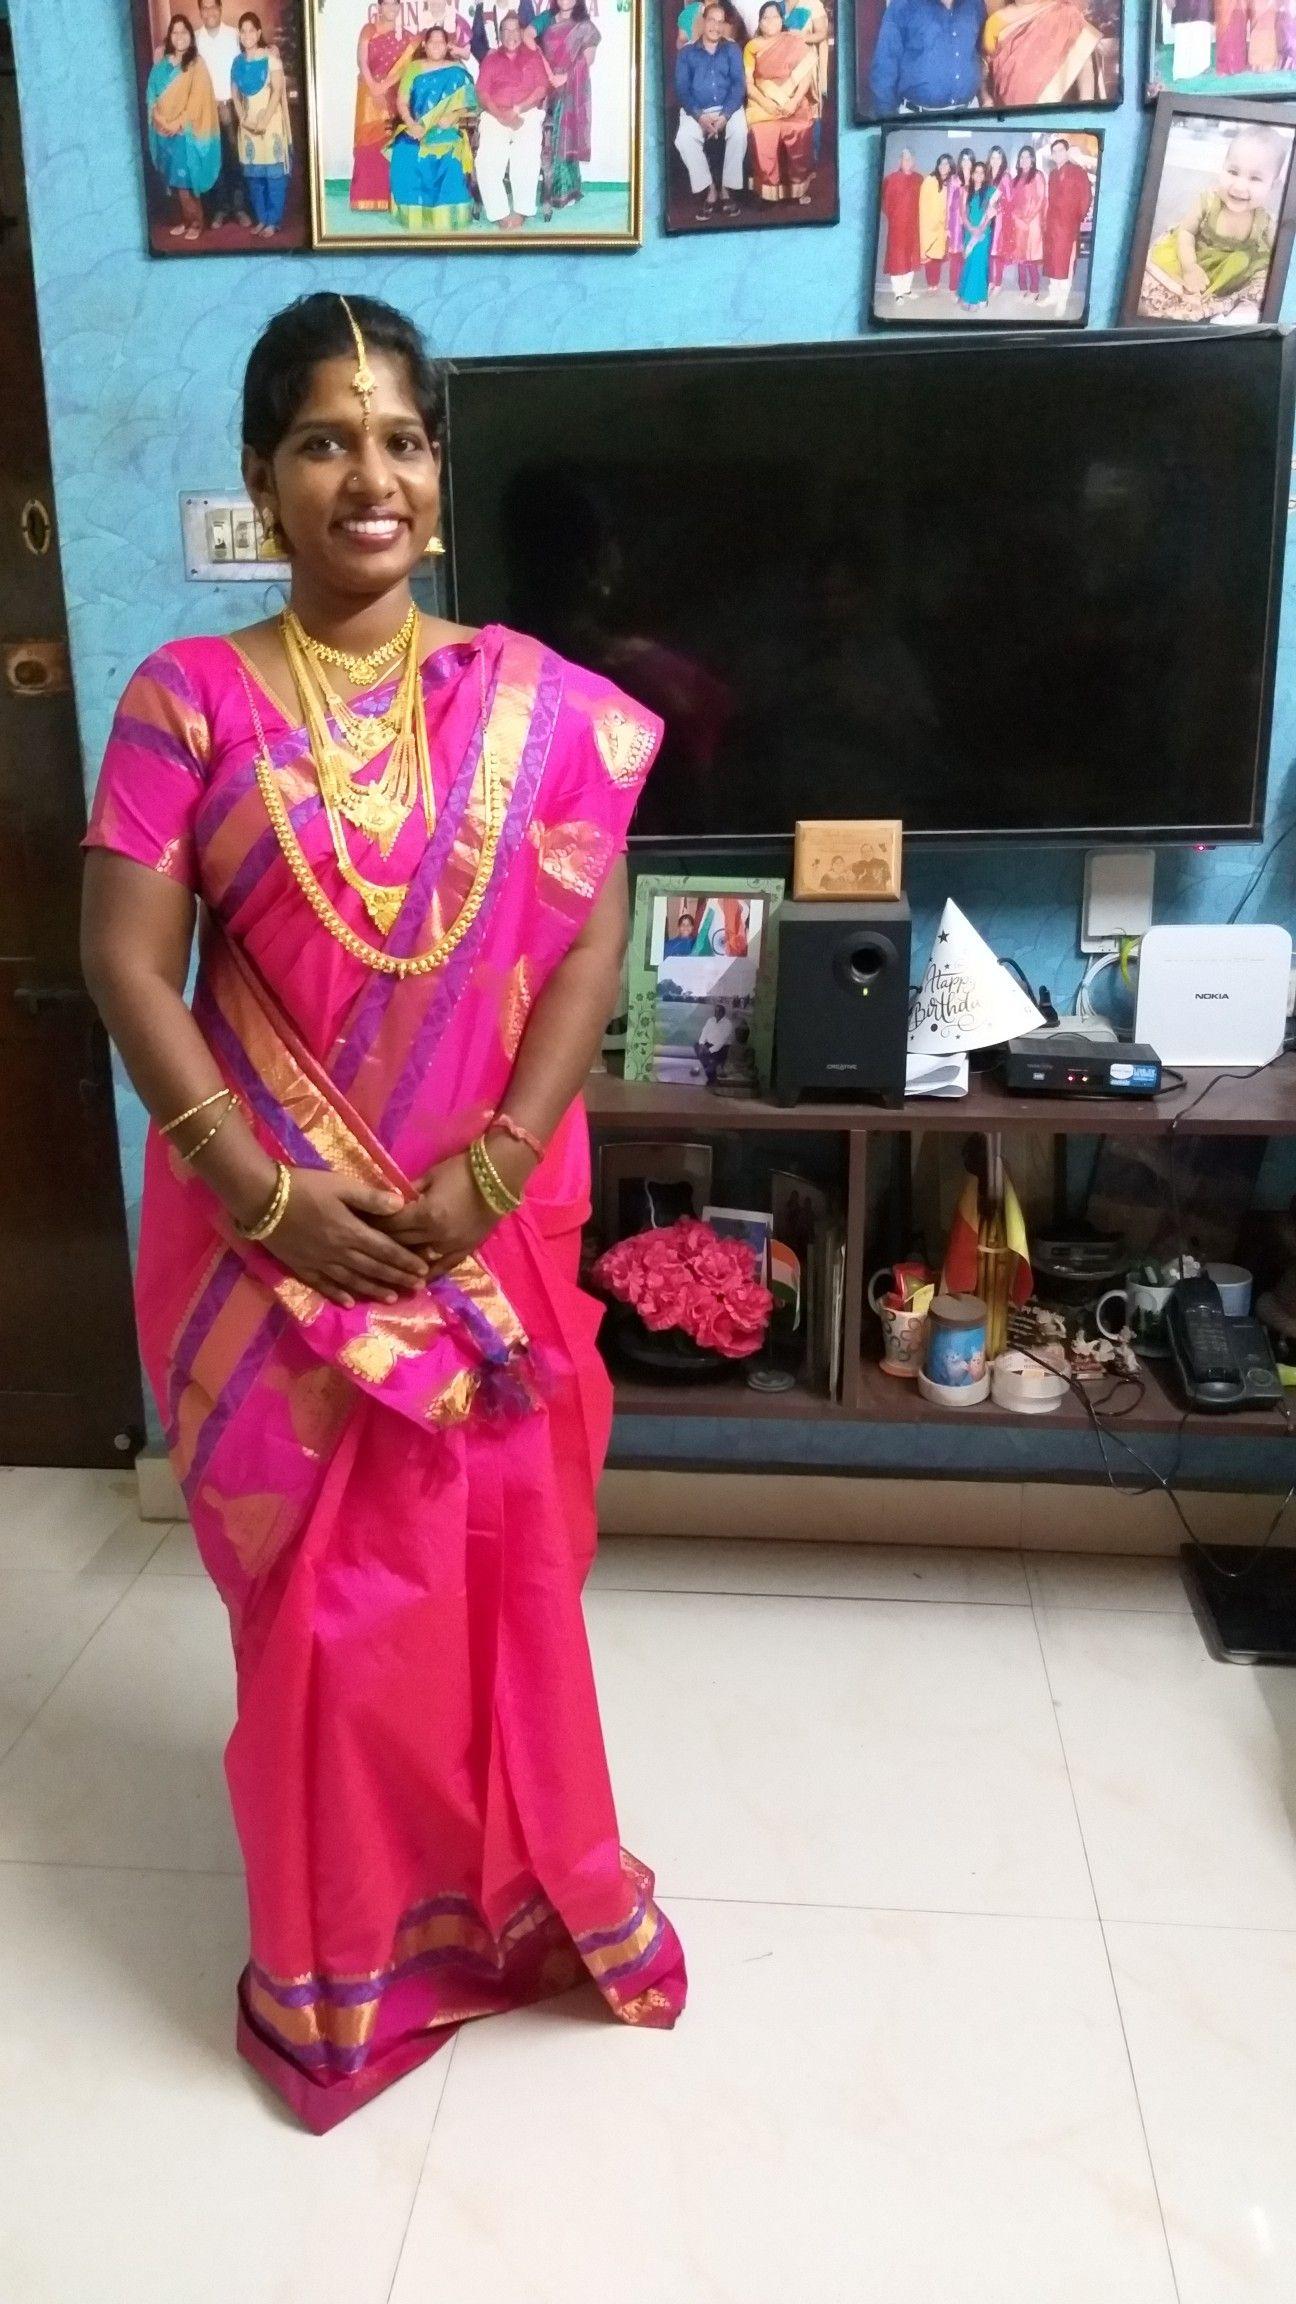 Pin By Aarthi M On 2020 In 2020 Fashion Sari Saree